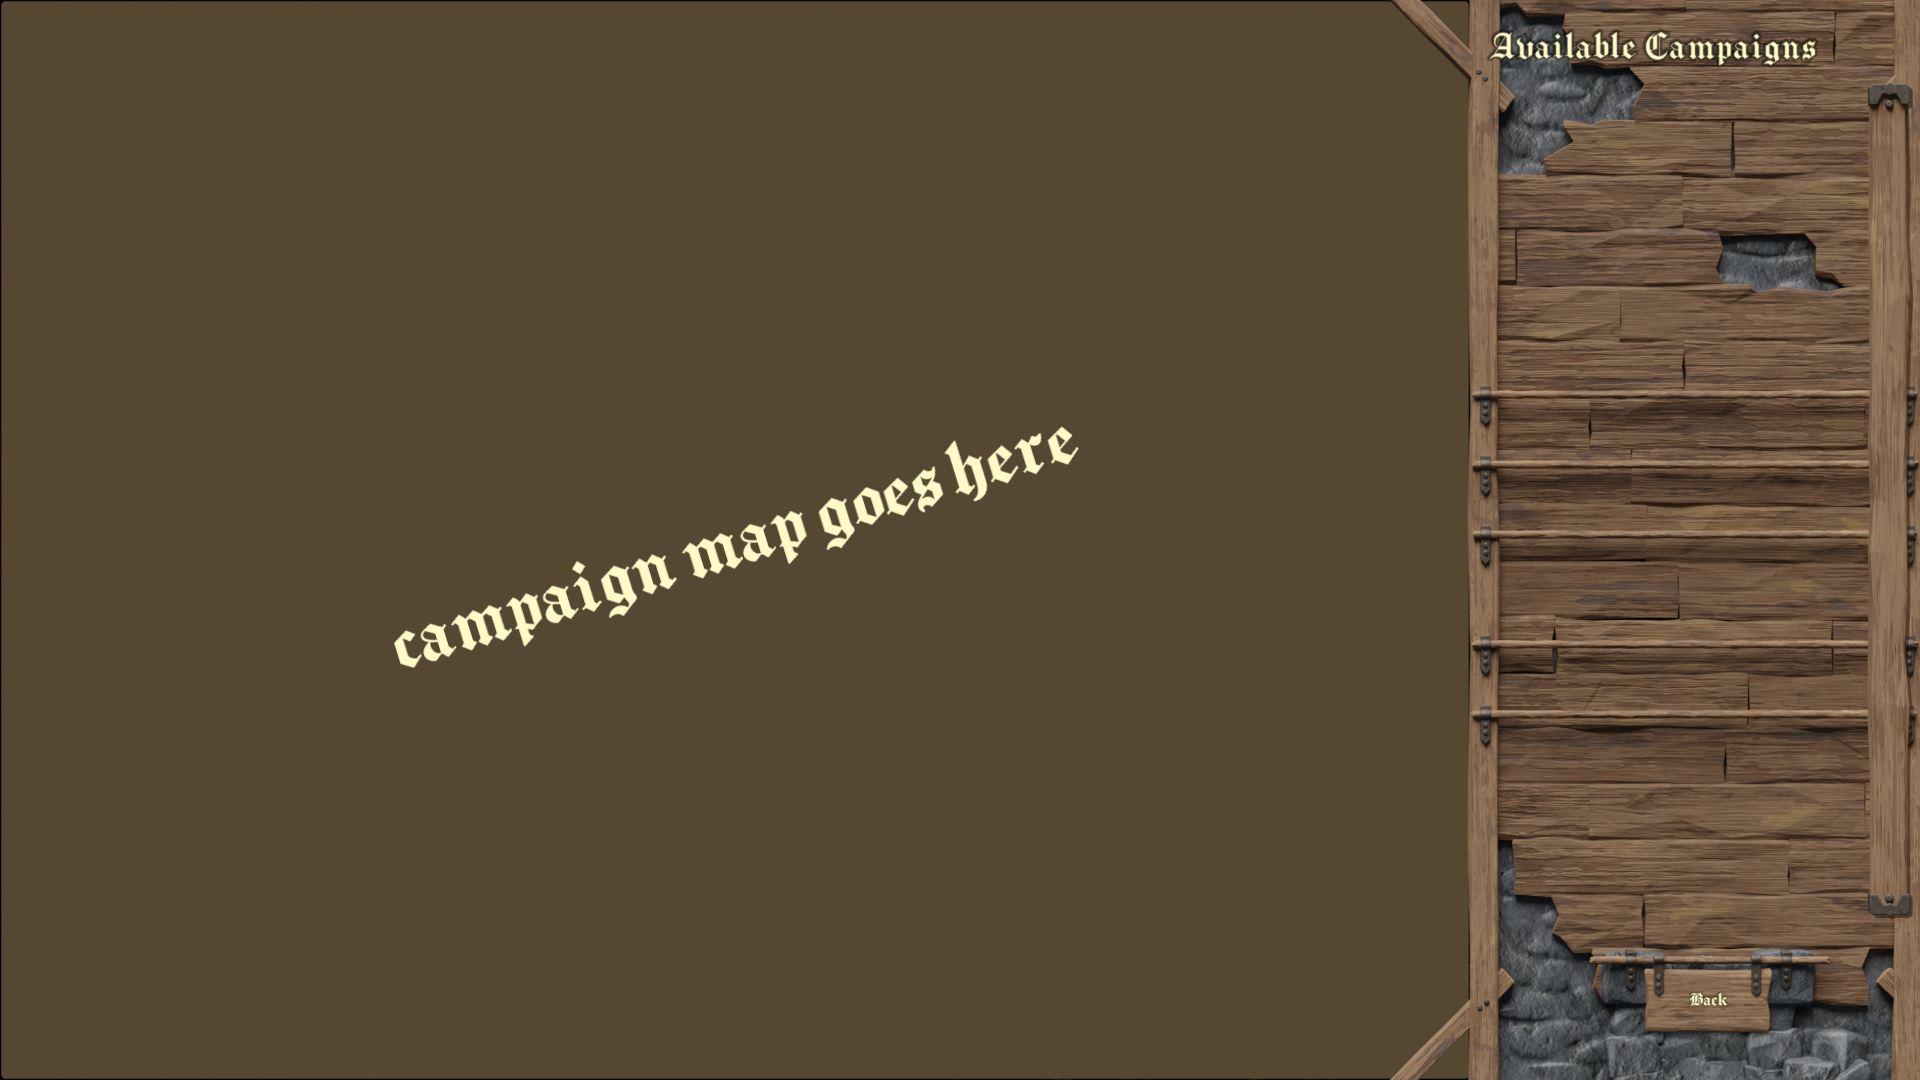 Campaign Screen